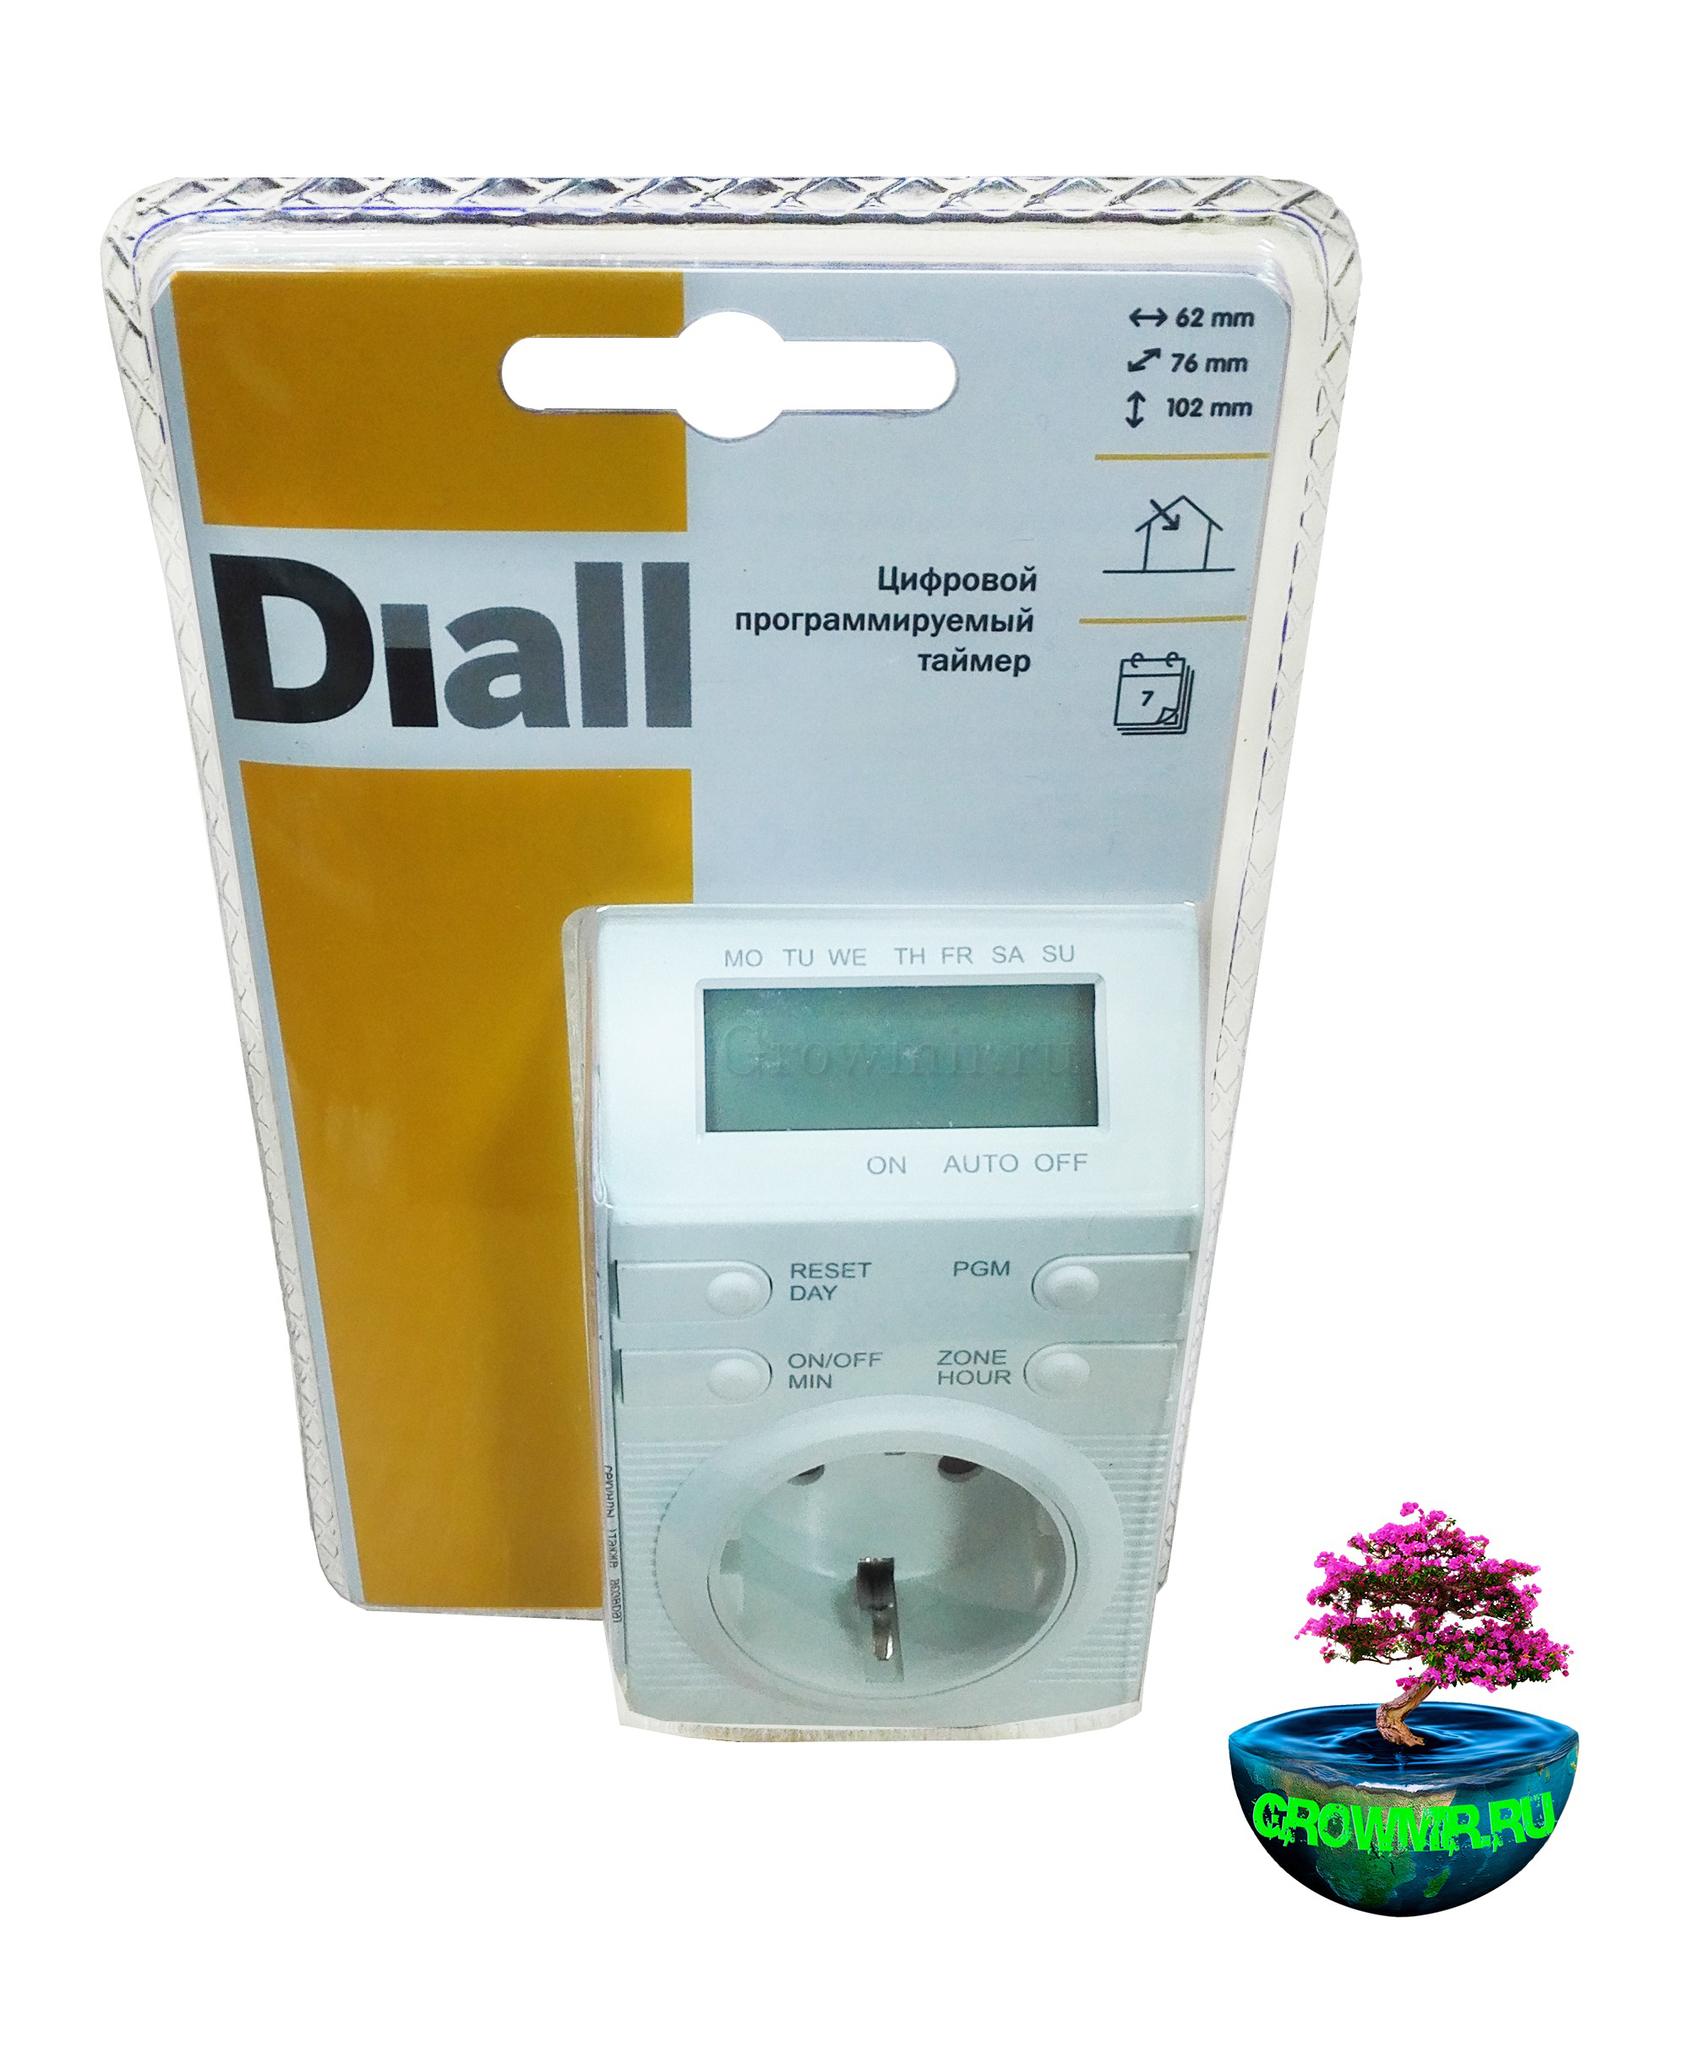 Diall emt 700 инструкция